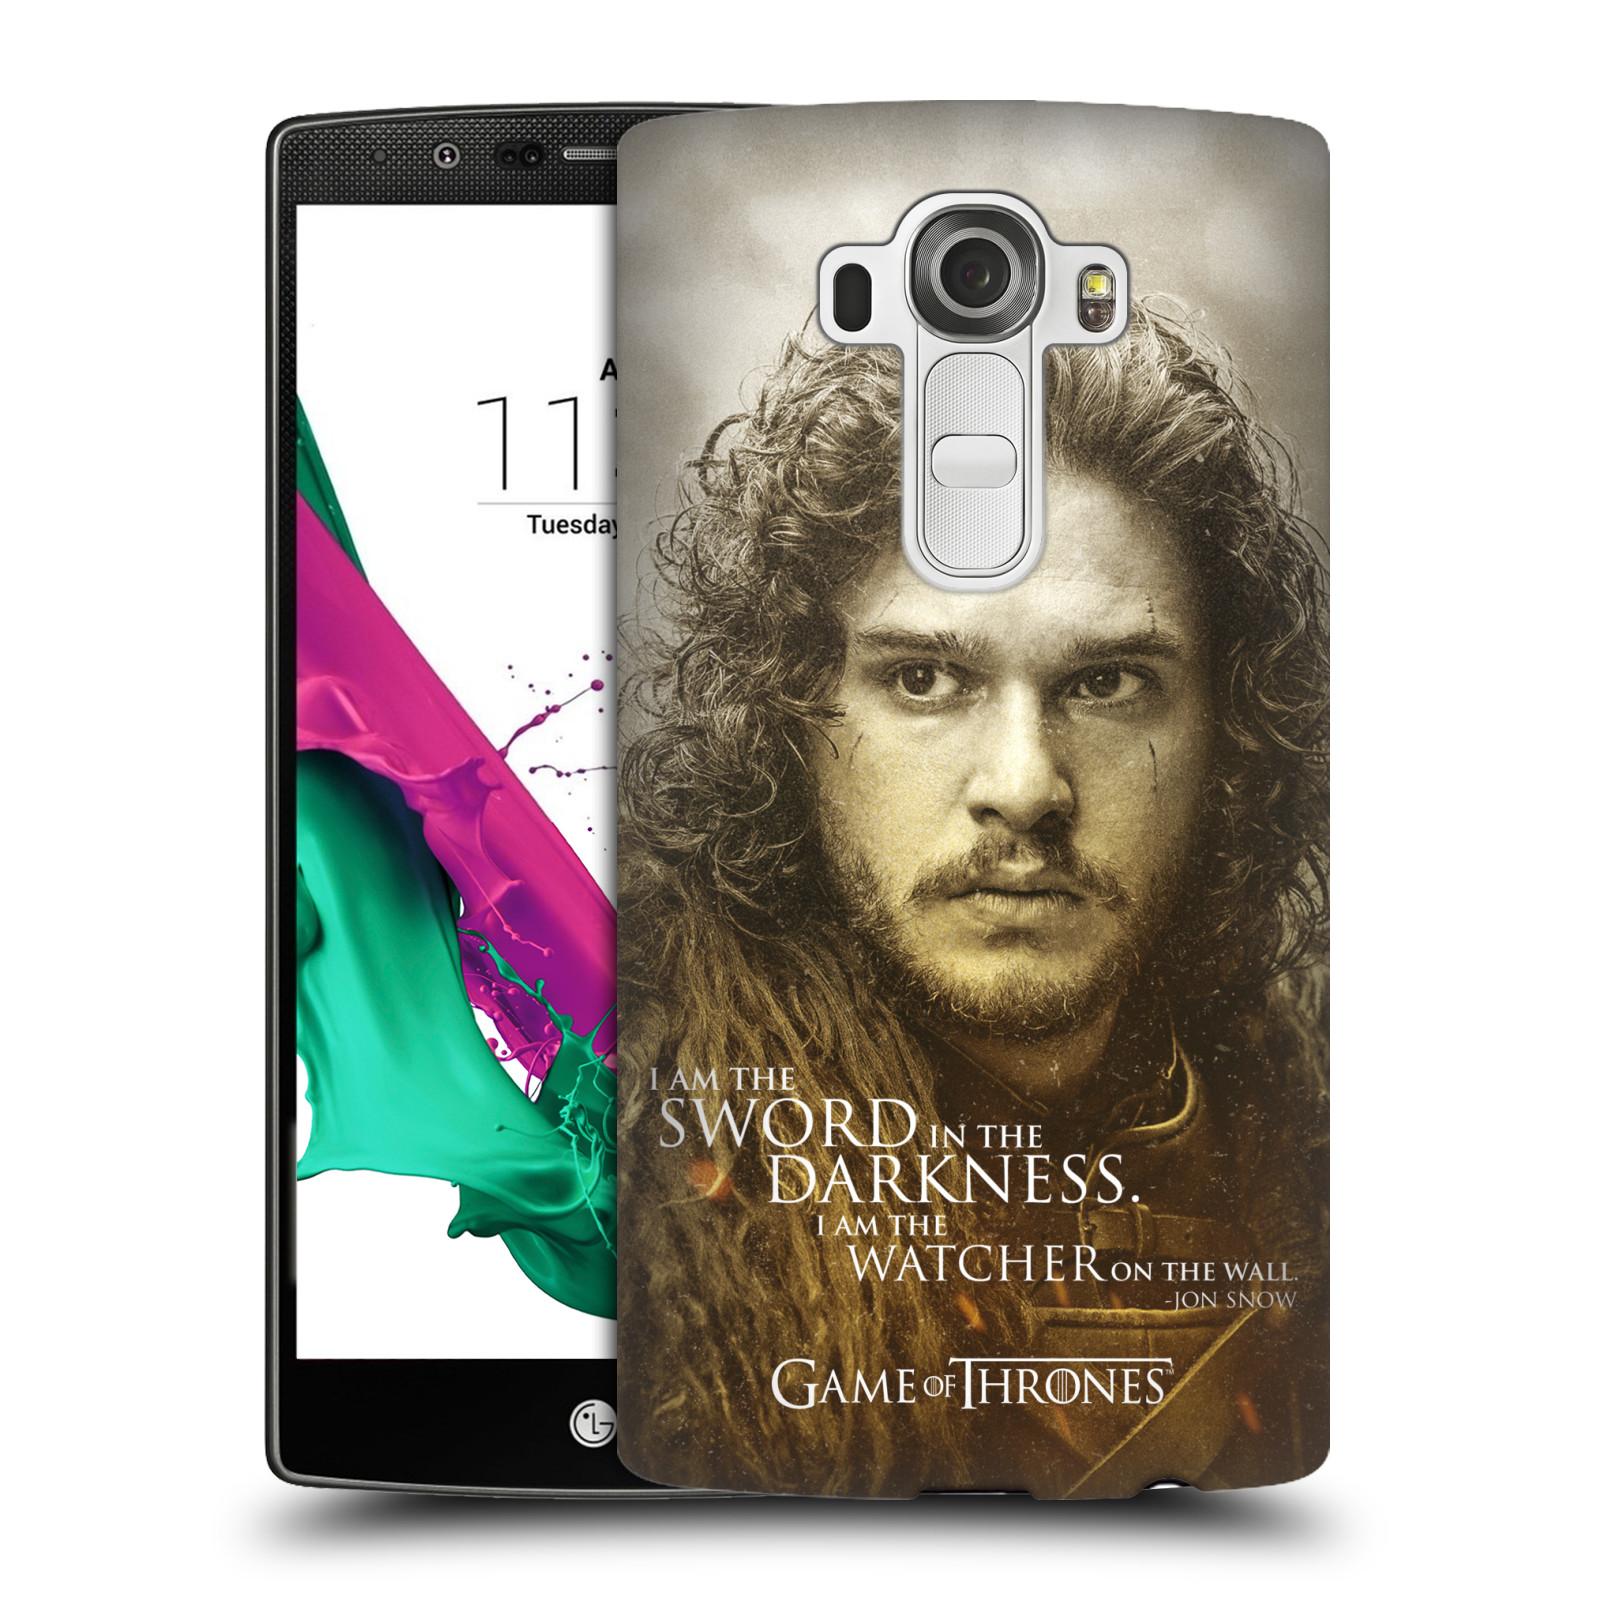 Plastové pouzdro na mobil LG G4 HEAD CASE Hra o trůny - Jon Snow (Plastový kryt či obal na mobilní telefon s licencovaným motivem Hra o trůny - Game Of Thrones pro LG G4)